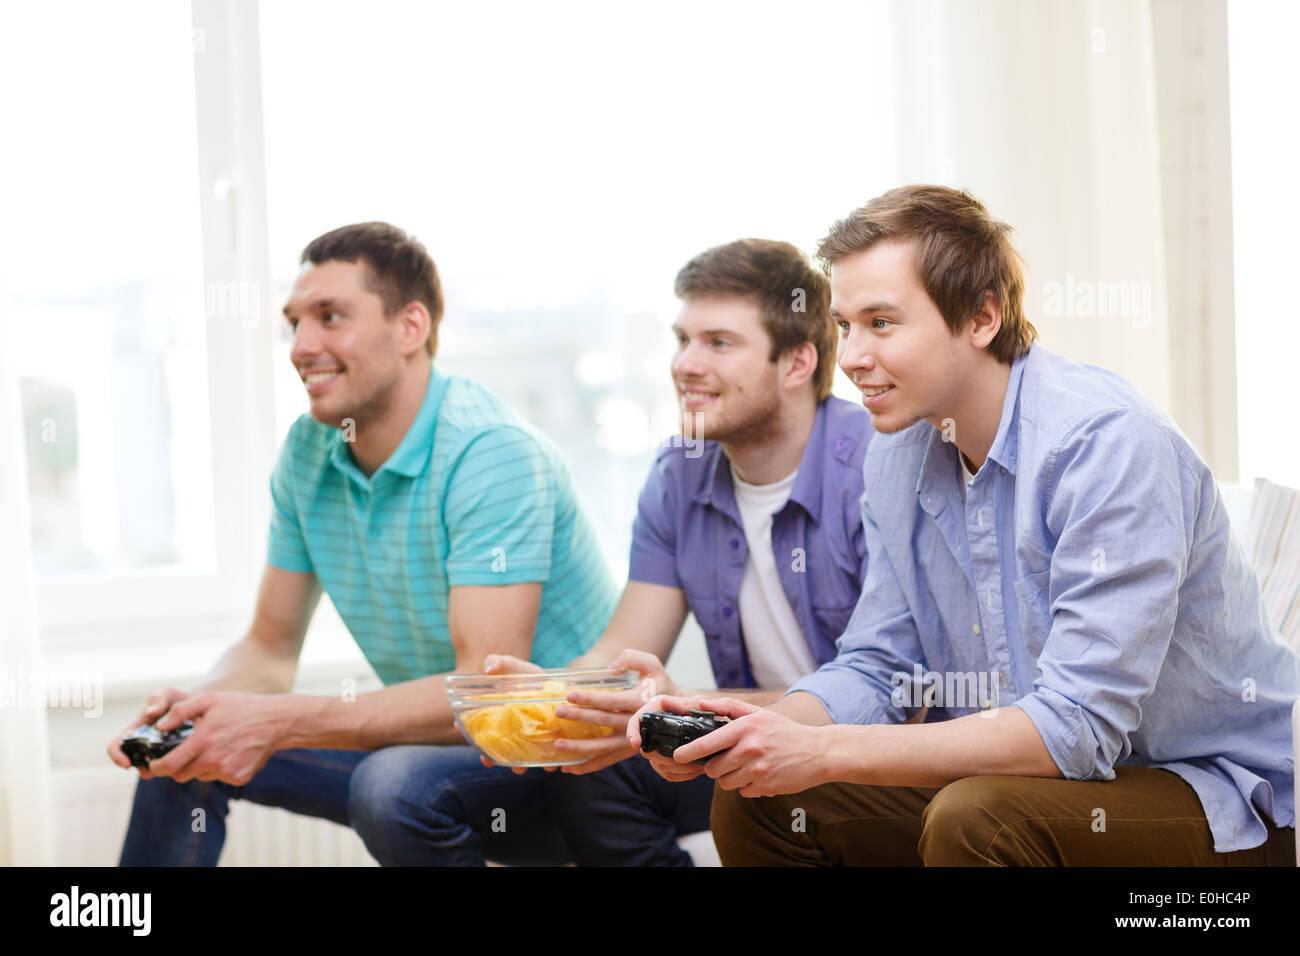 Sonriendo Amigos Jugando Juegos De Video En Casa Foto Imagen De